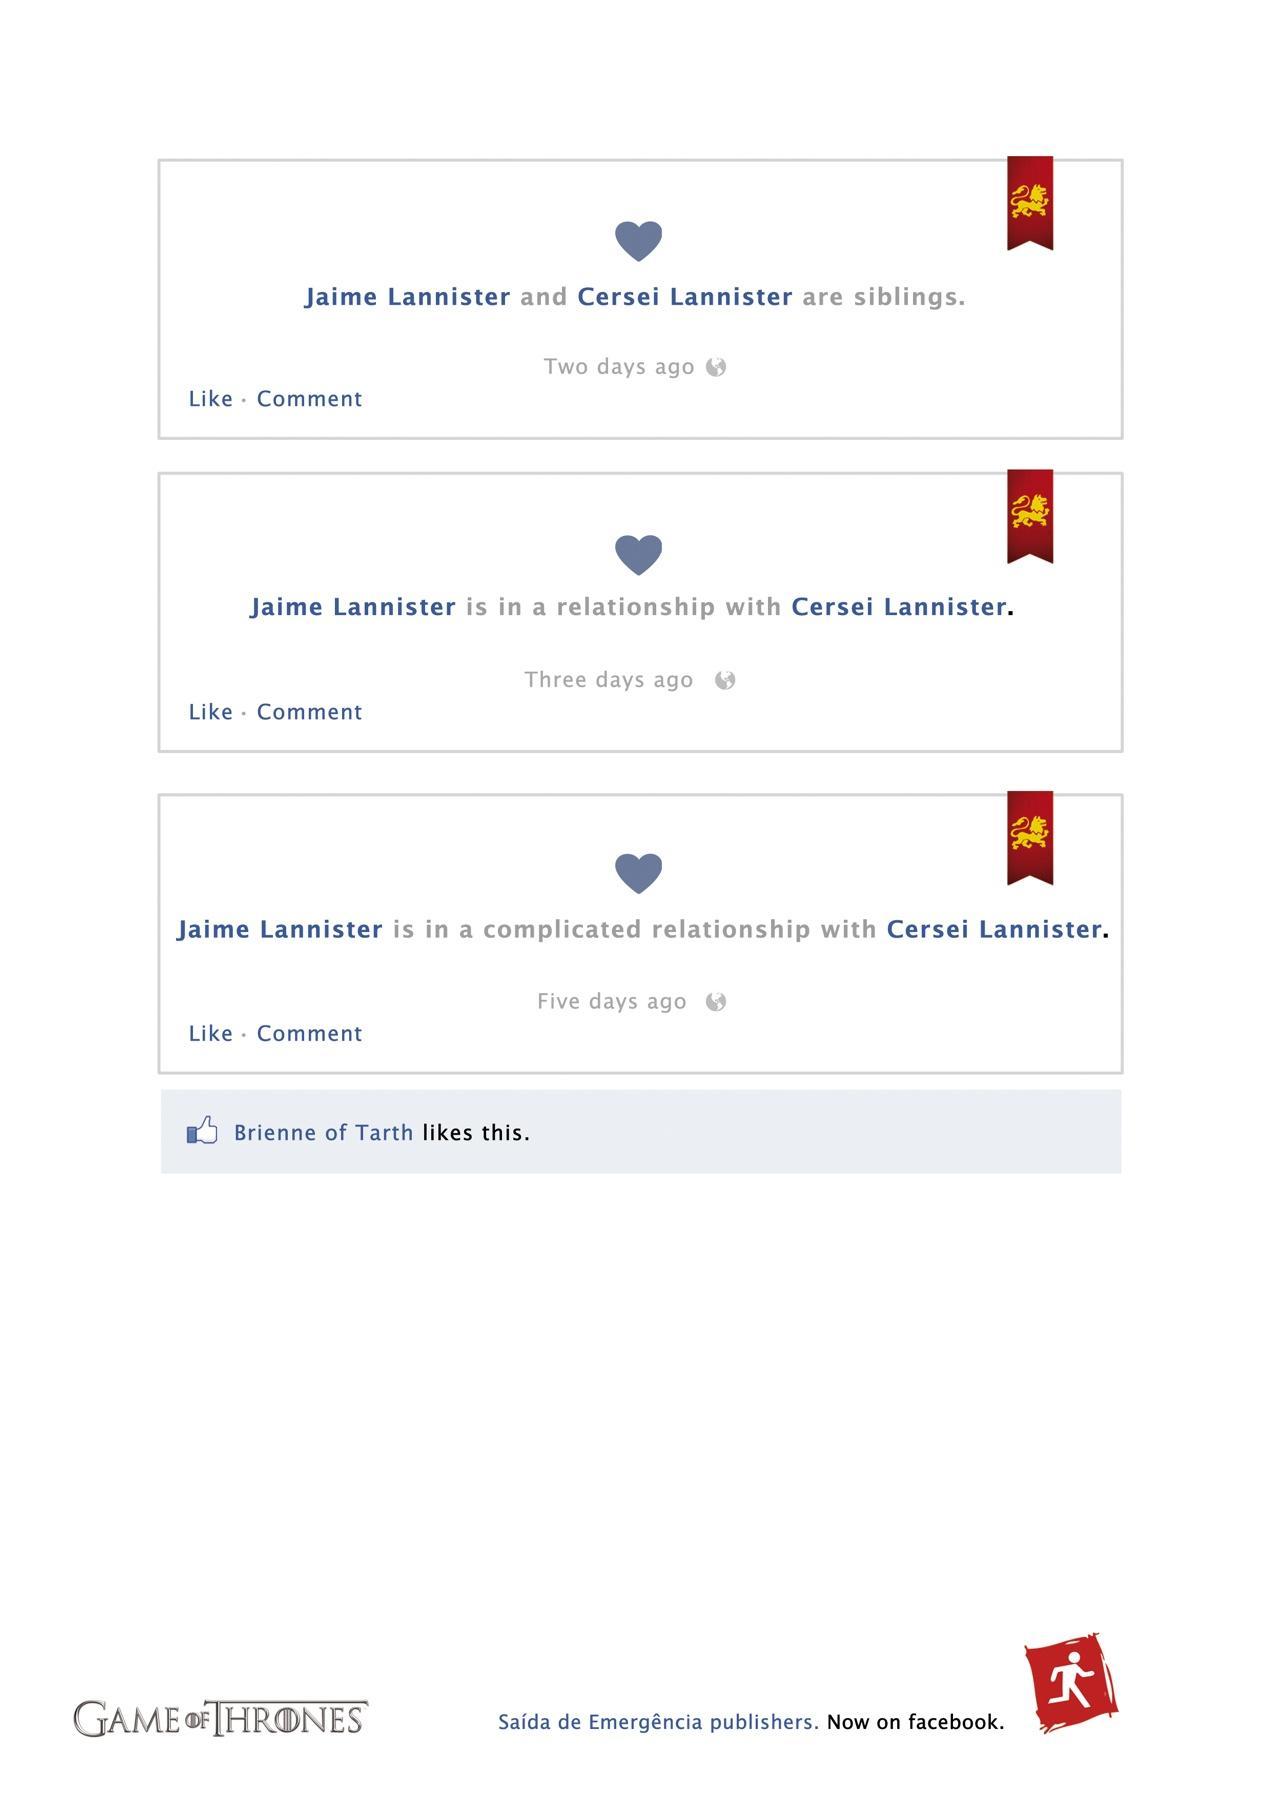 Saída de Emergência Print Ad -  Now on Facebook, 2